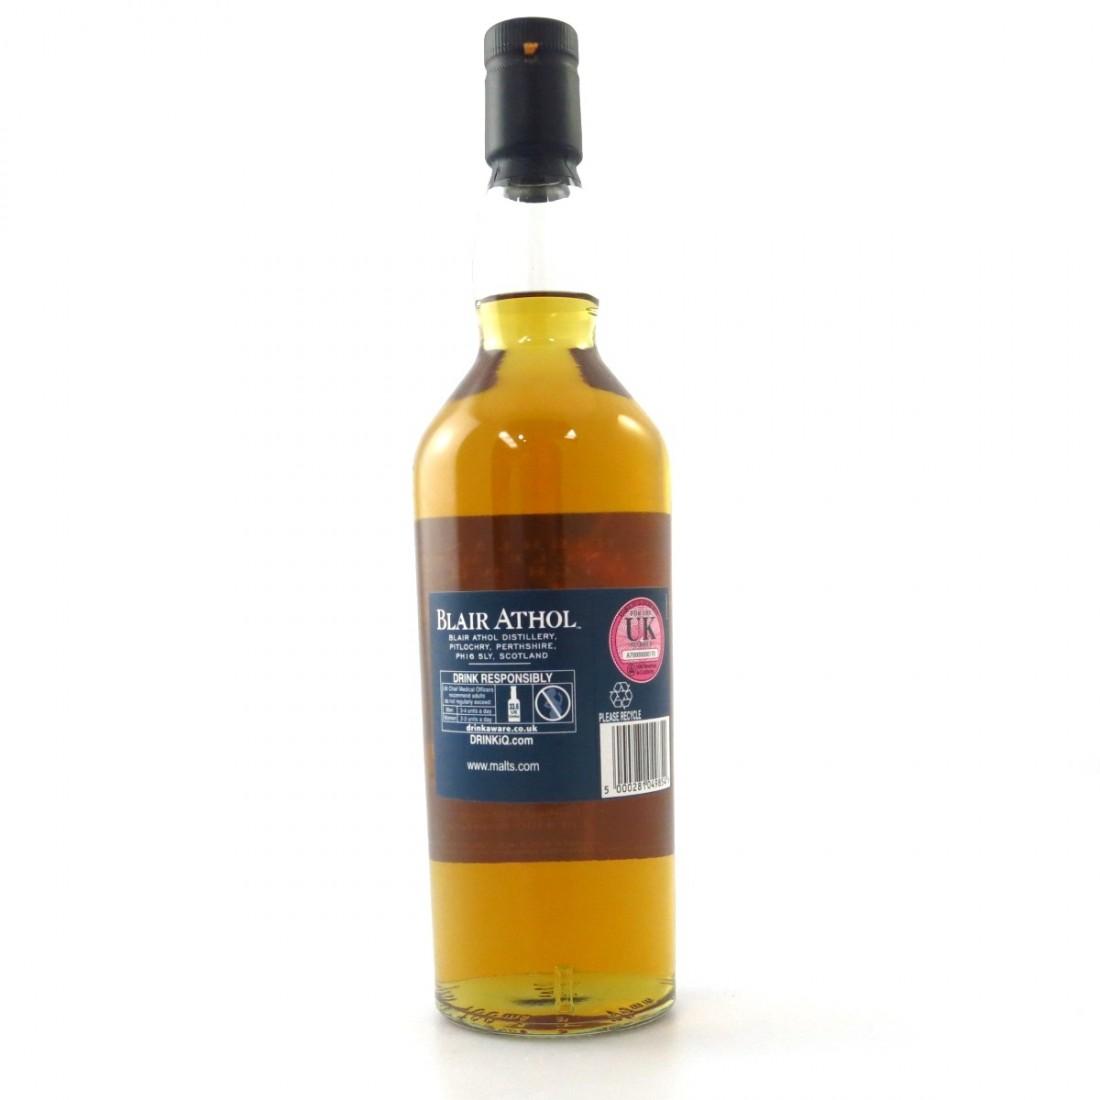 Blair Athol 2017 Distillery Exclusive